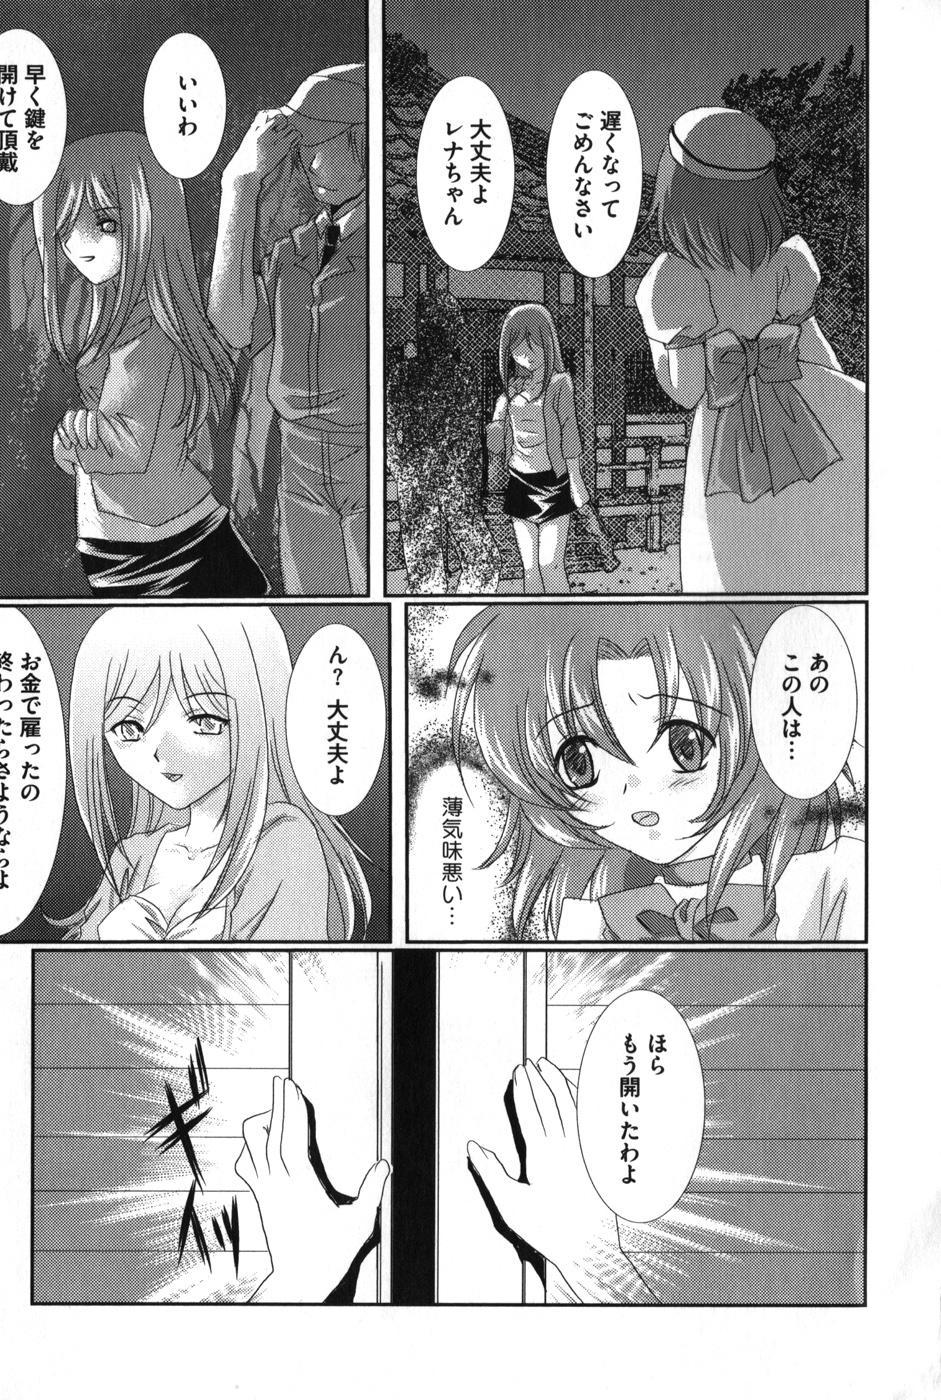 HiguERO no naku koro ni 81